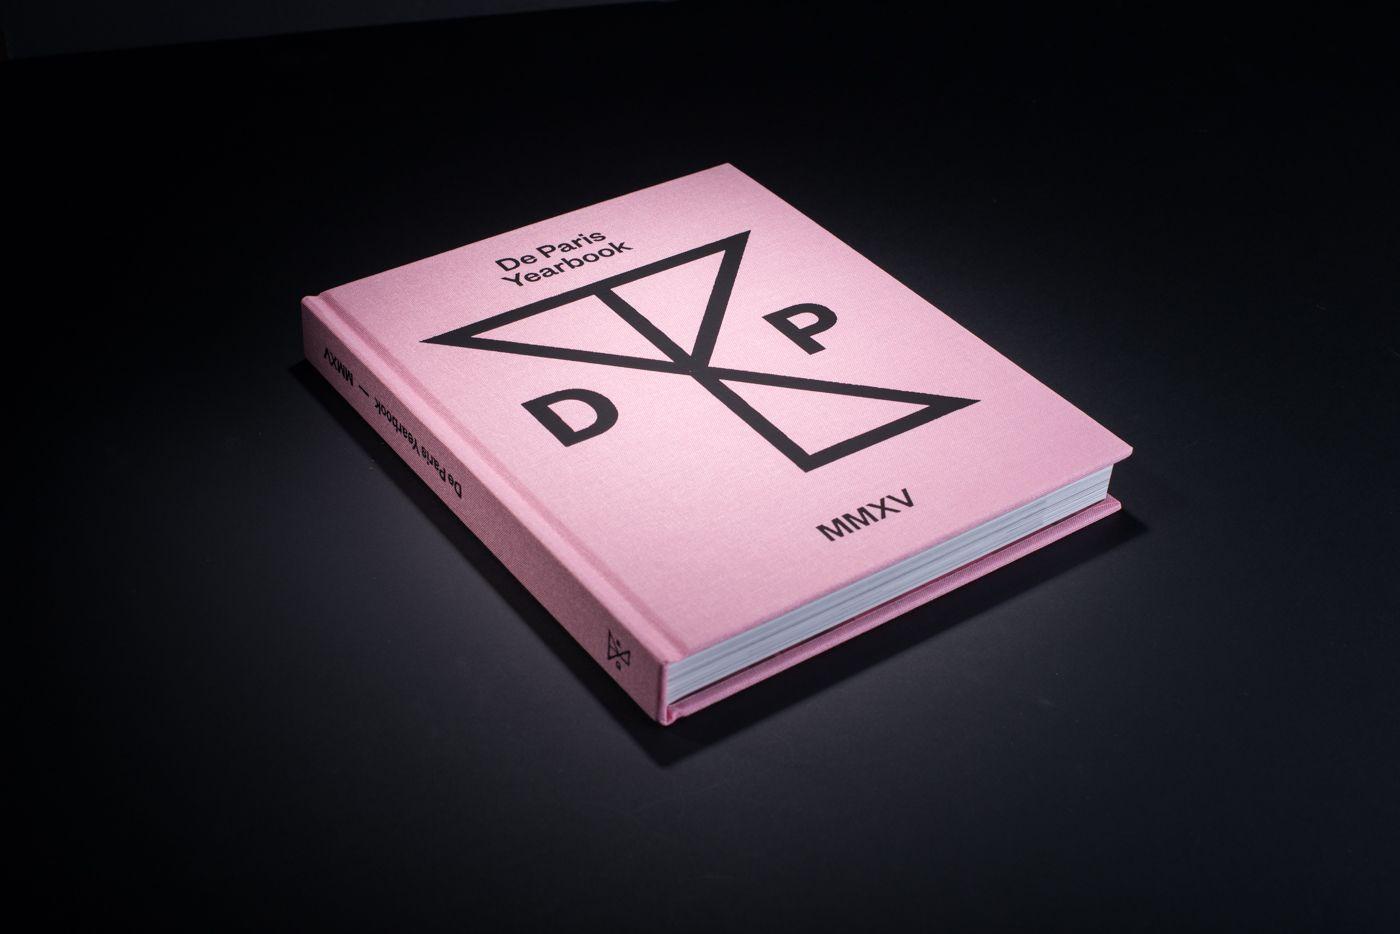 Livre De Paris Yearbook cover 2